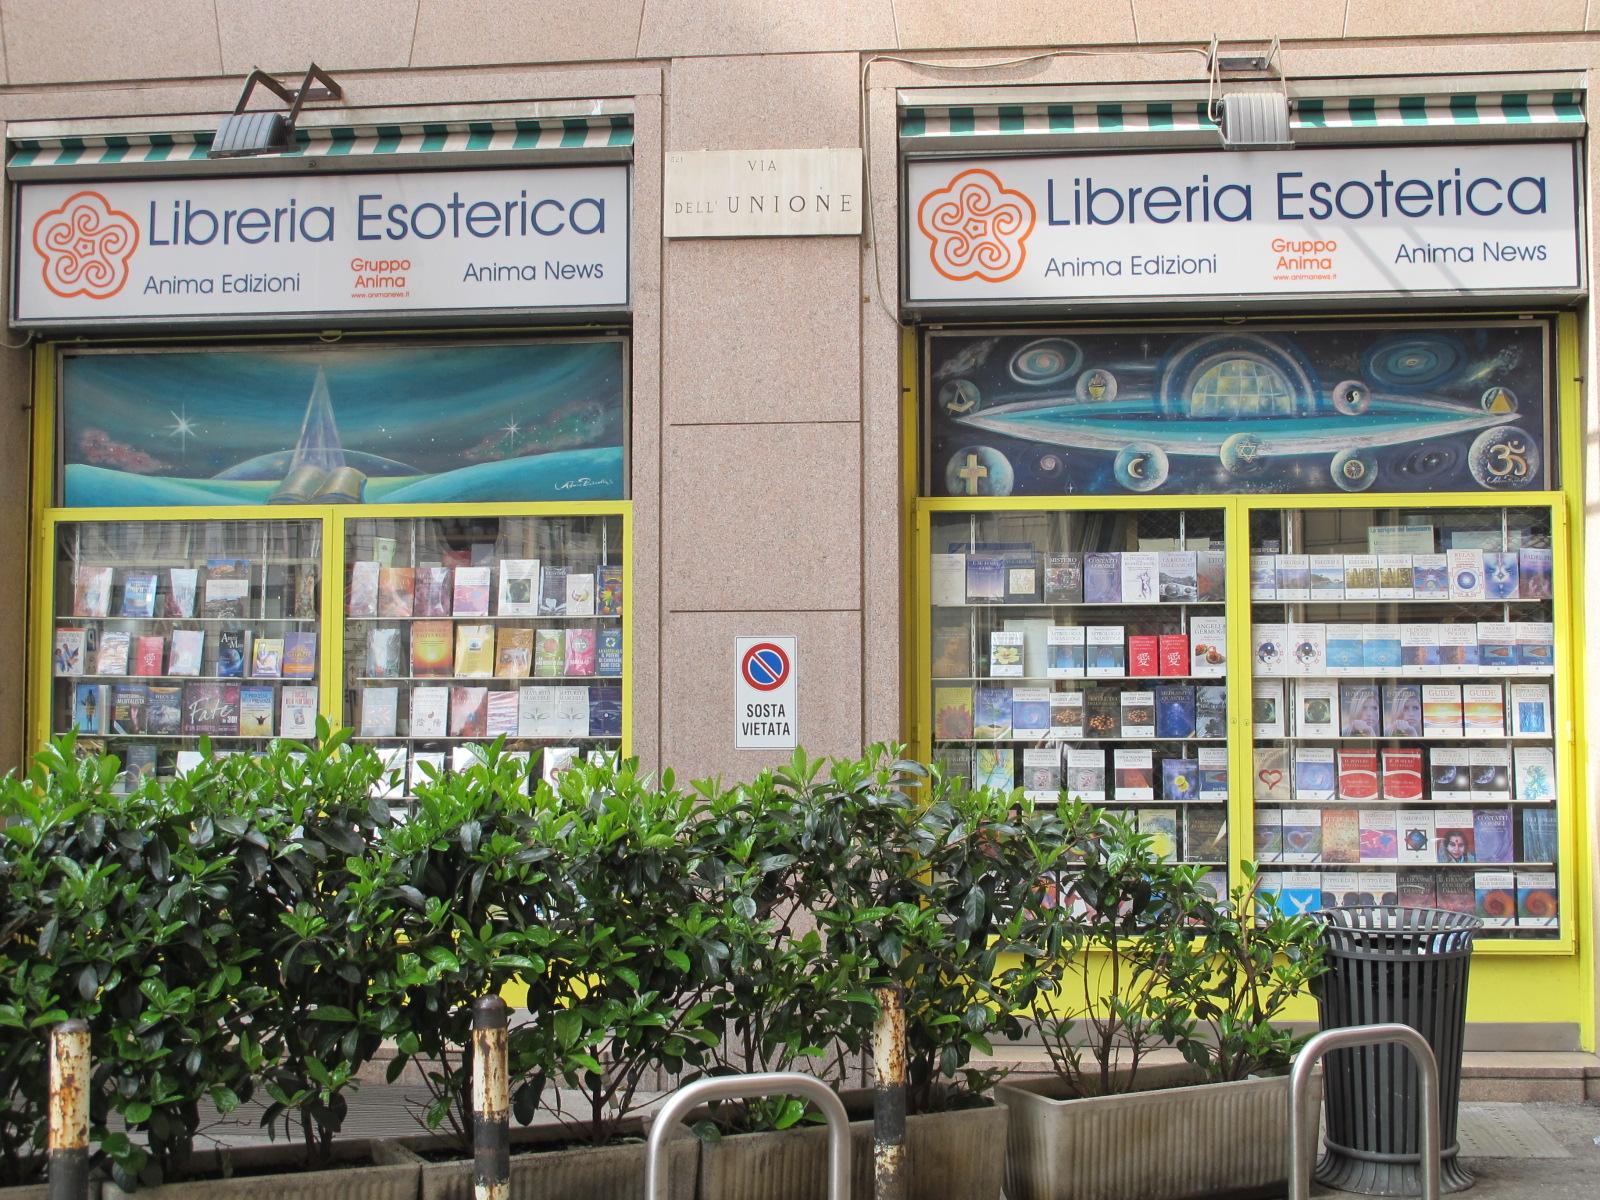 Lieu insolite, la librairie ésotérique à Milan…